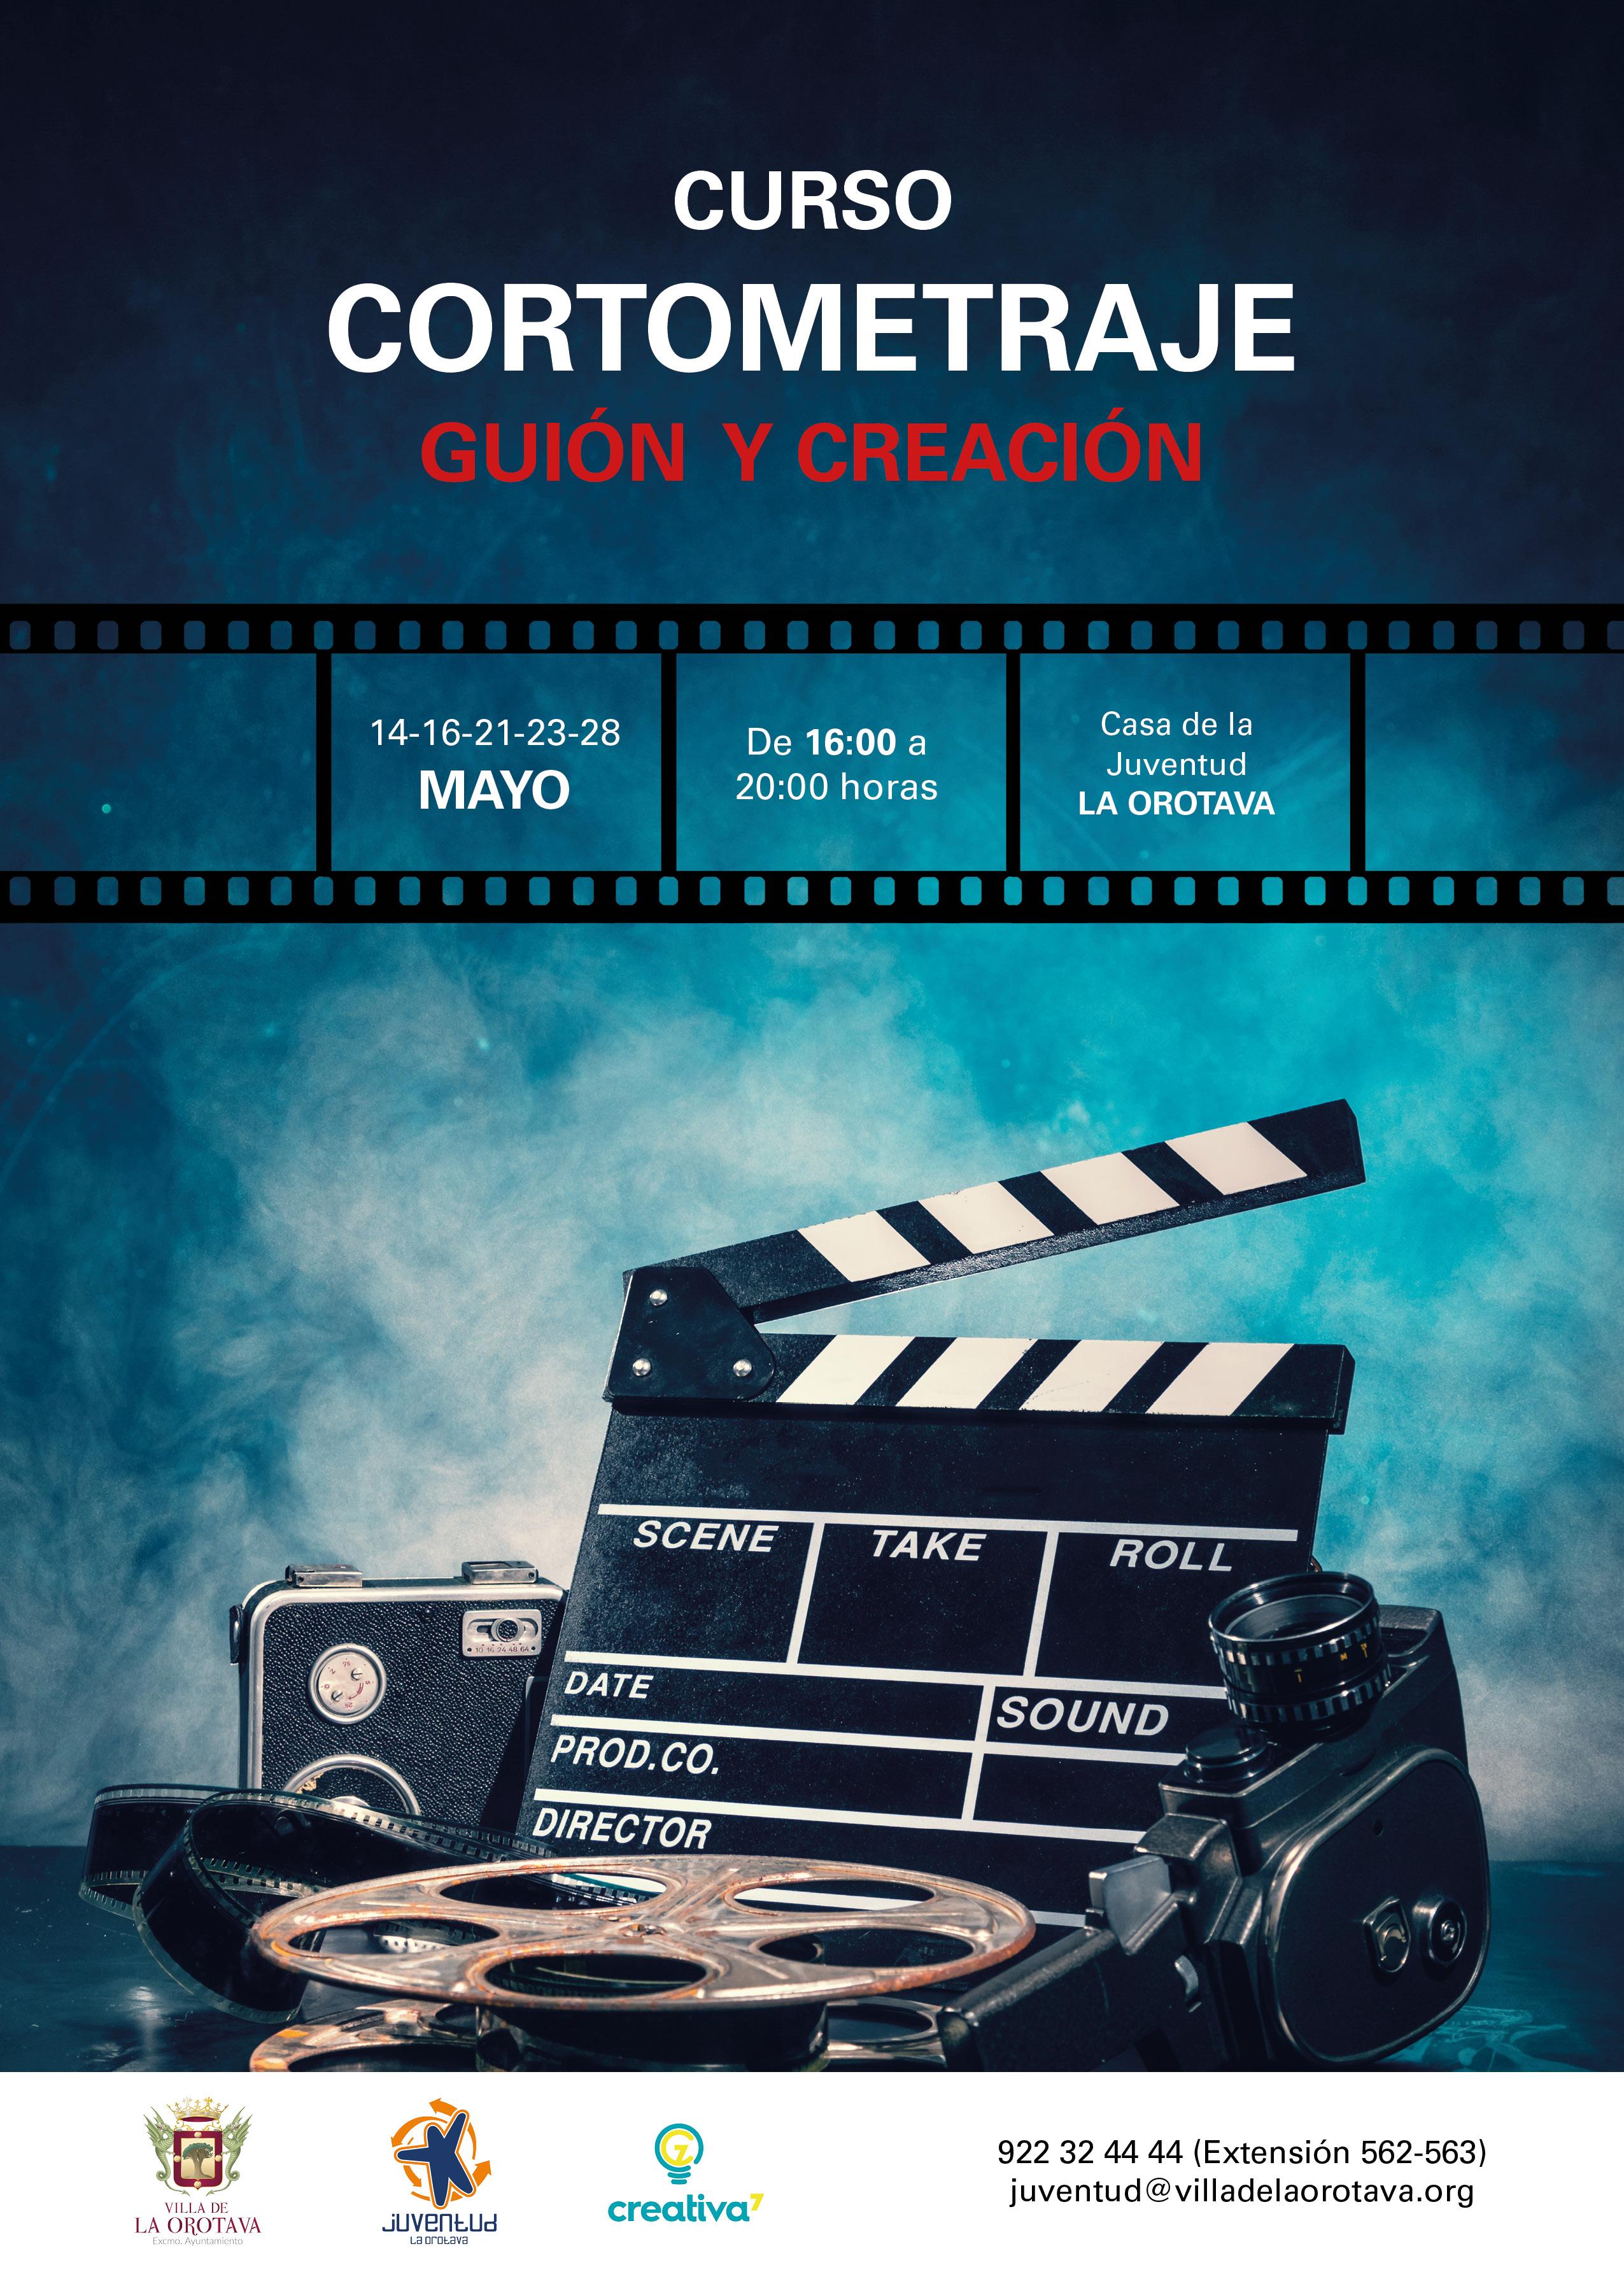 Guión y creación de cortometraje